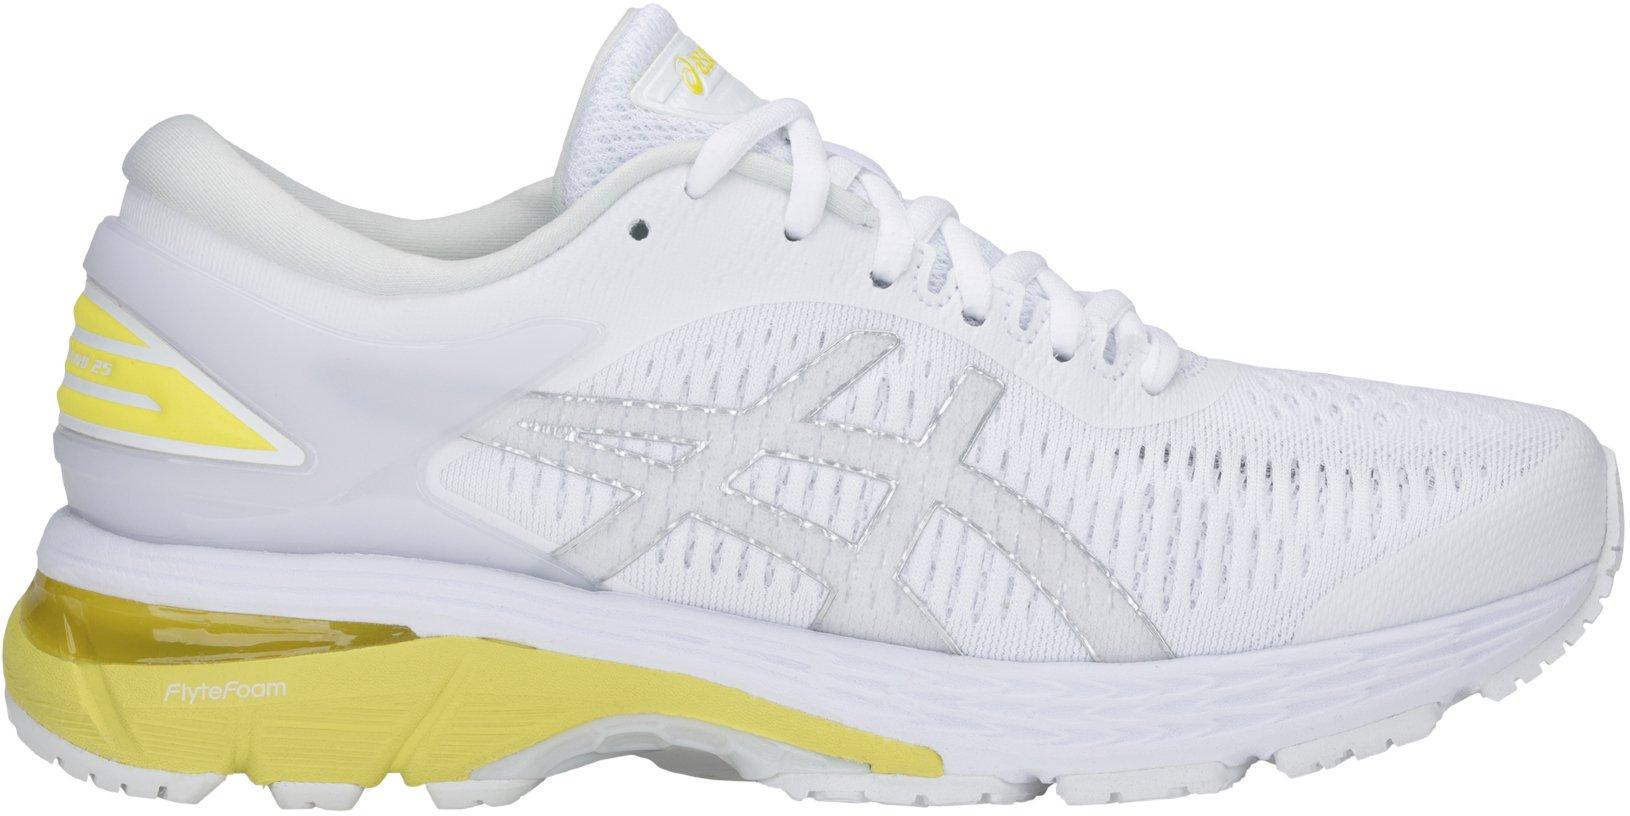 Running shoes Asics GEL-KAYANO 25